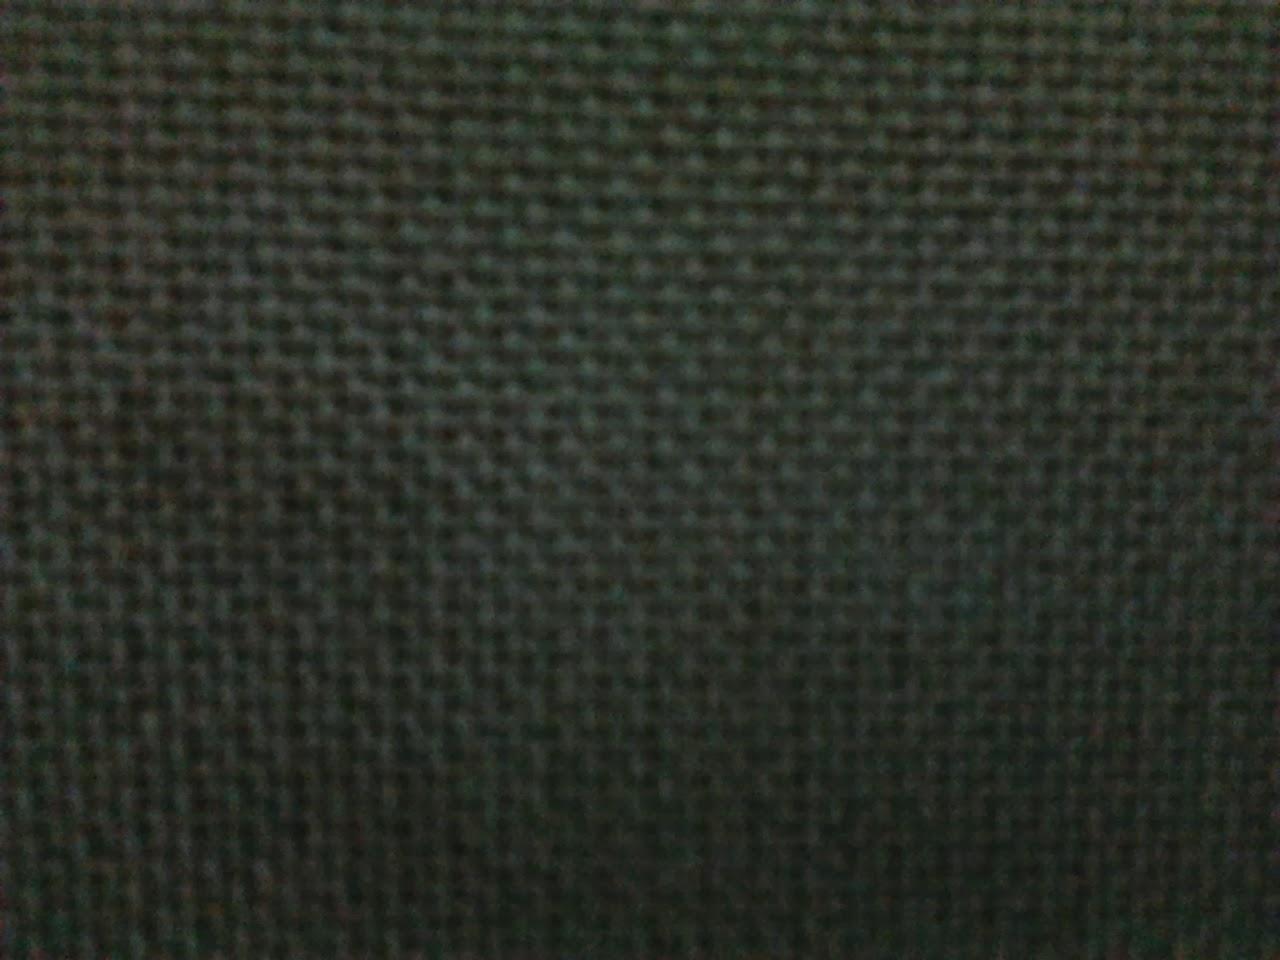 Download Gratis Gambar Latar Belakang Background Polkadot Abu Abu ...